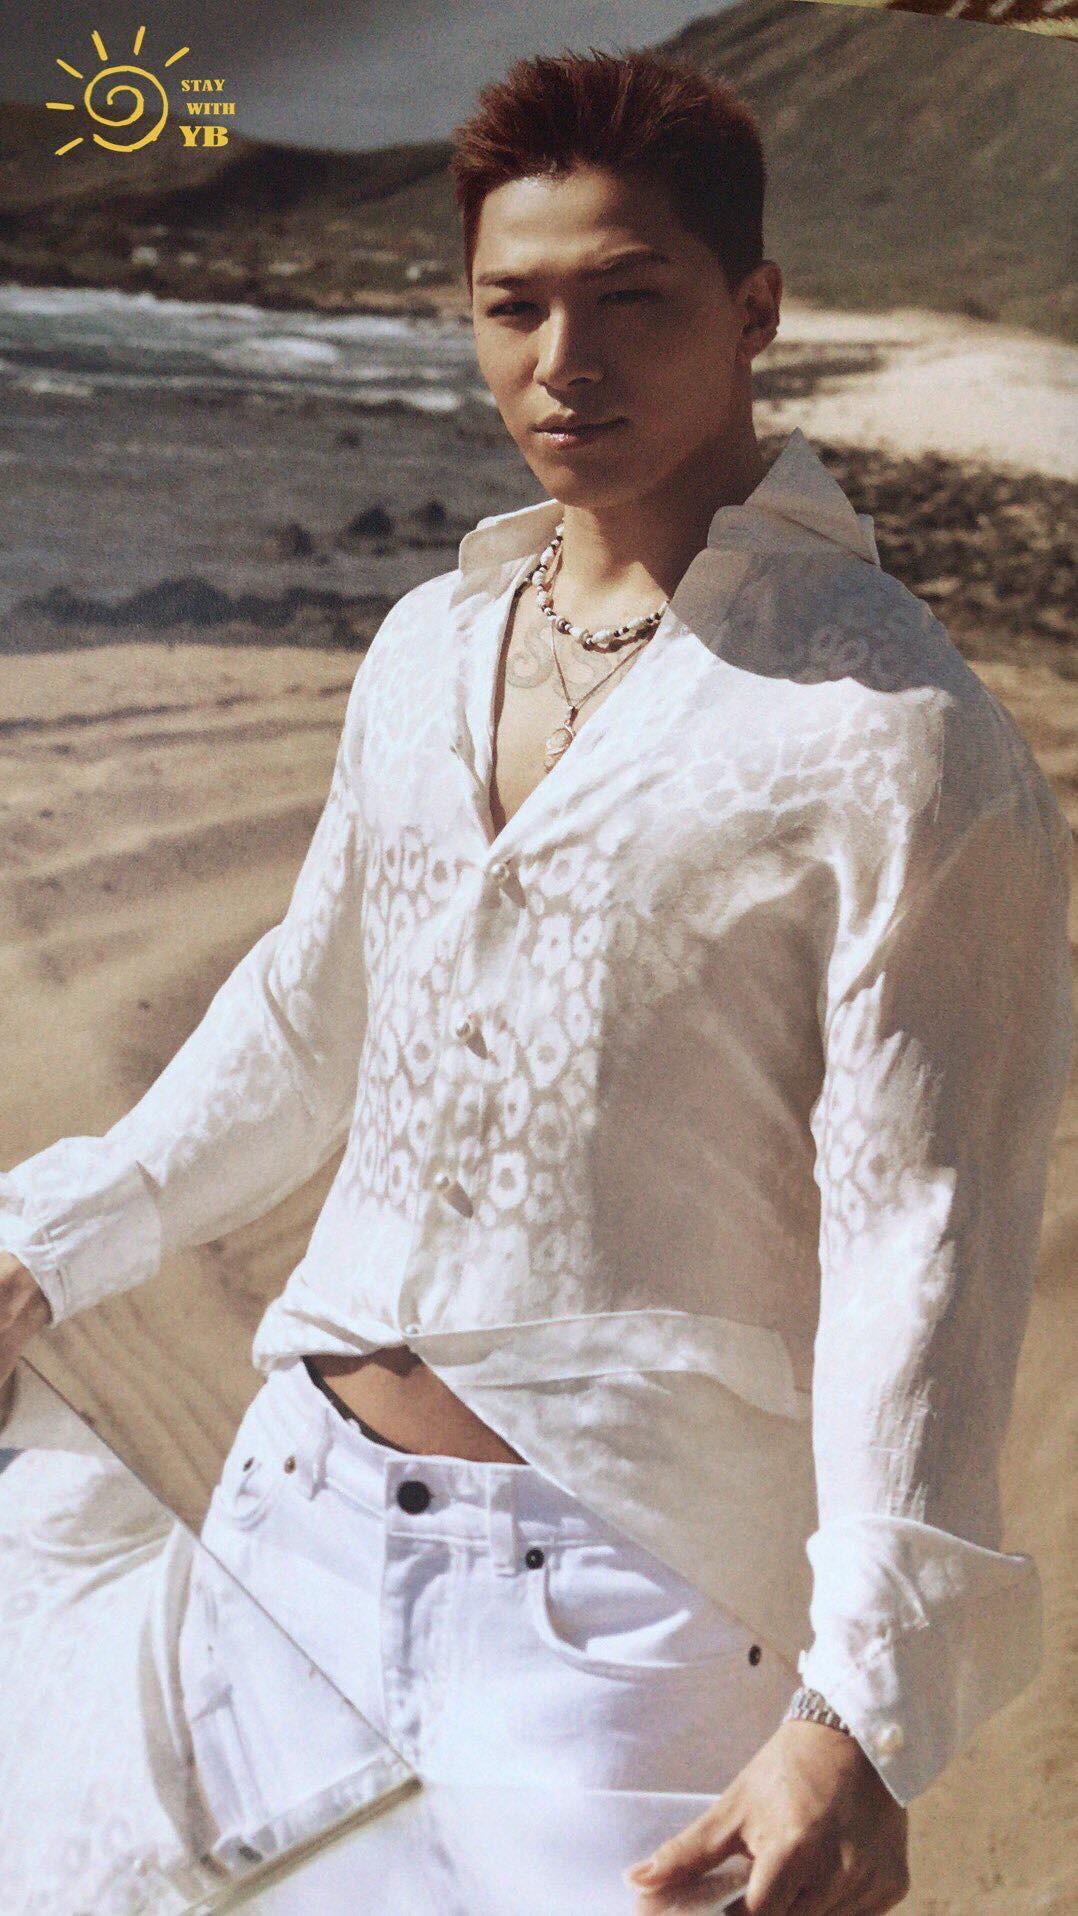 Ngã ngửa vì Min Hyo Rin khoe ngực khủng như sắp tràn, Taeyang... đội khăn voan cô dâu trong hình cưới - Ảnh 6.